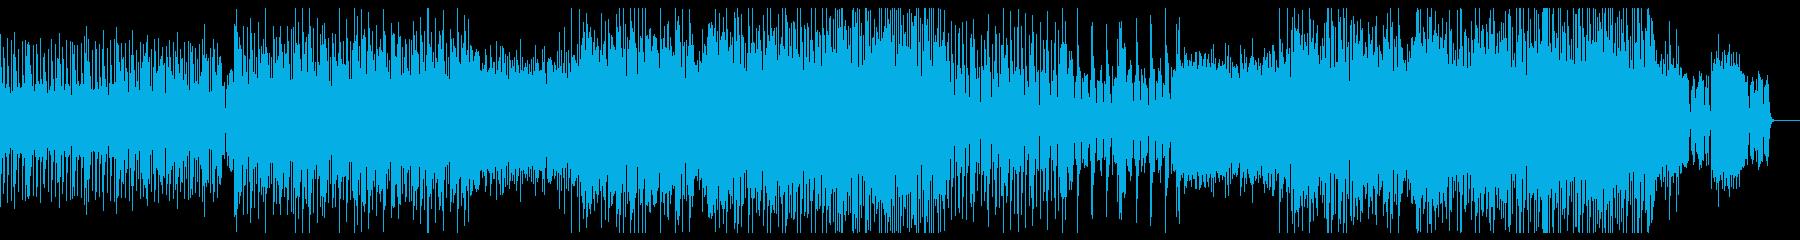 疾走感のある無機質なテクノBGMの再生済みの波形